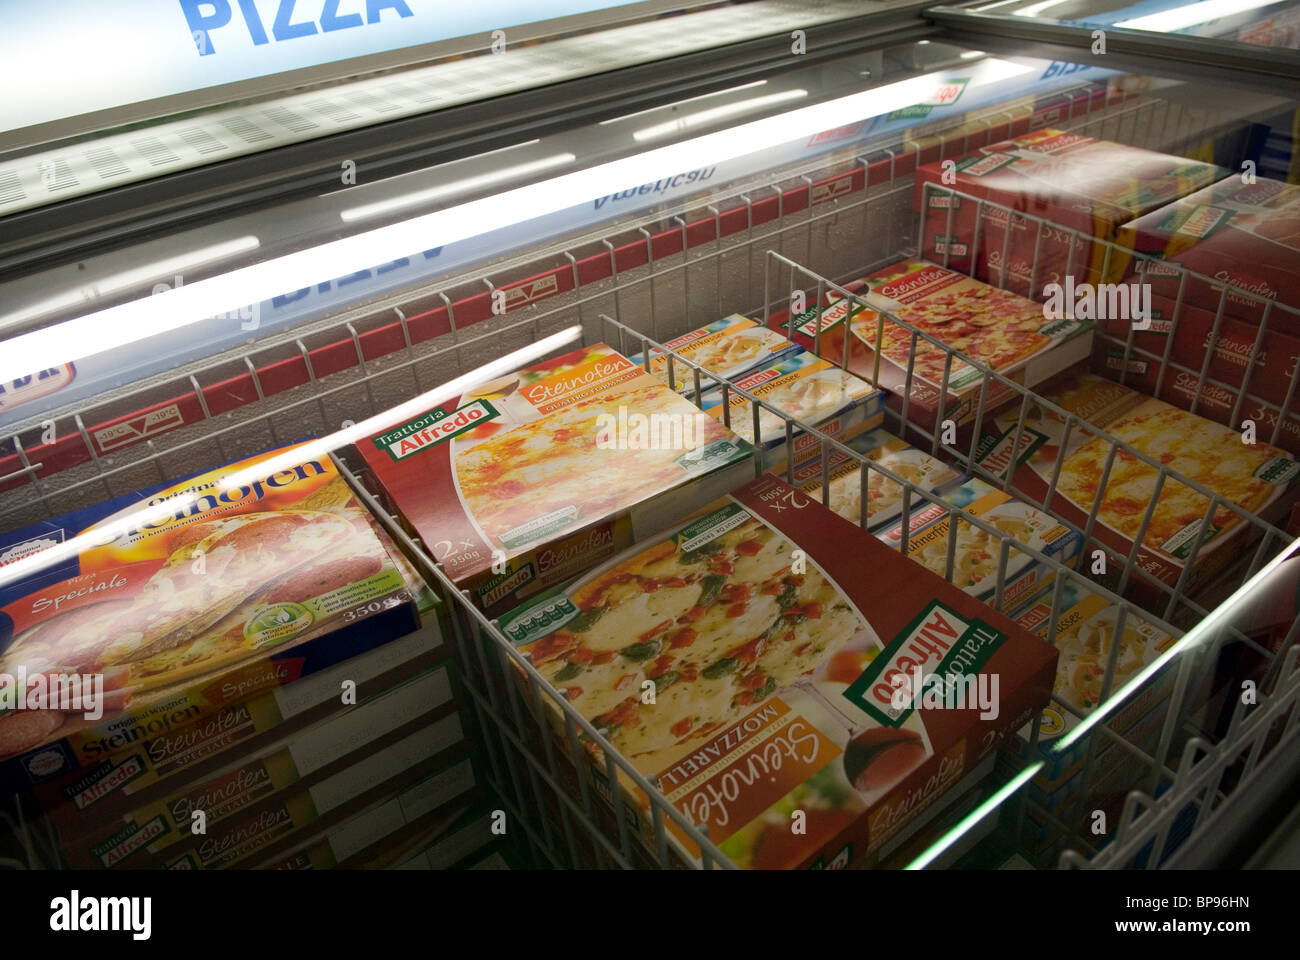 Aldi Kühlschrank Kombi : Aldi kühlschrank kaufen: mini kühlschrank aldi dion debra blog